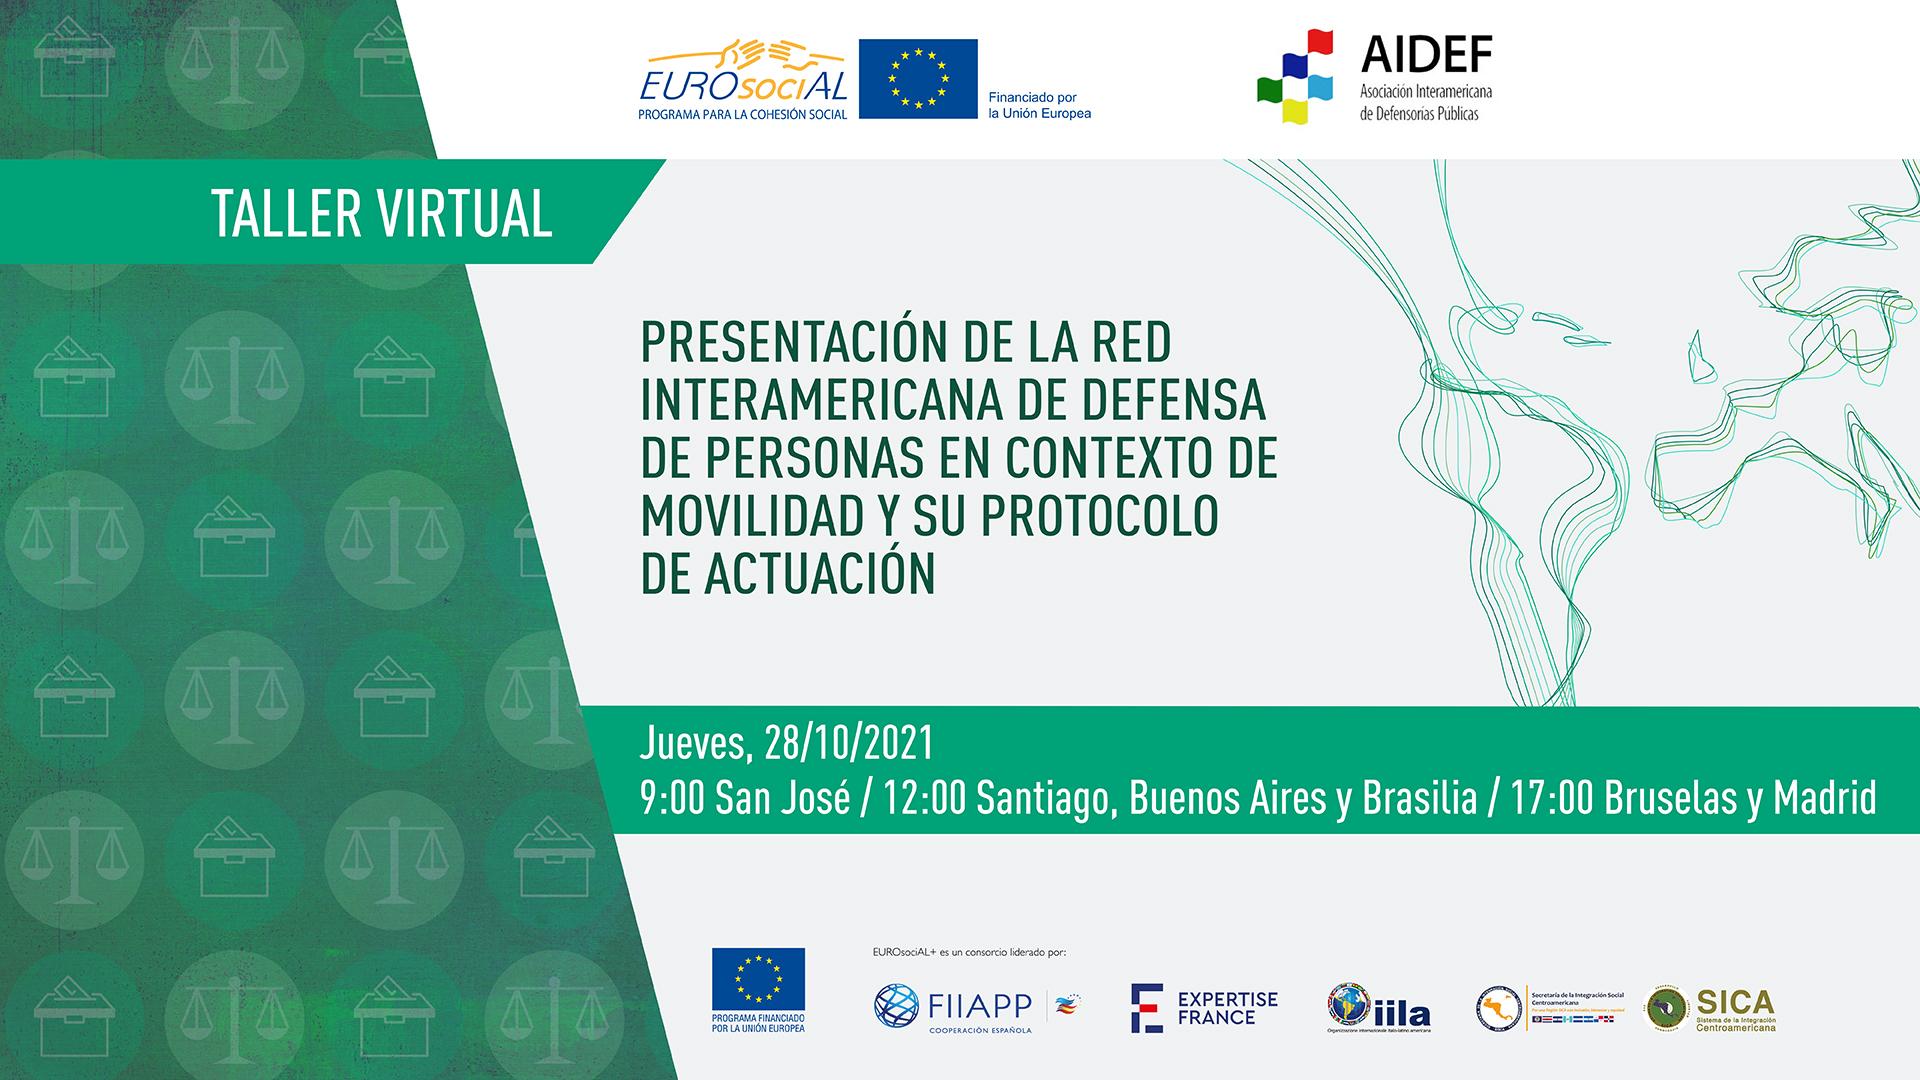 Presentación de la Red Interamericana de Defensa de Personas en Contexto de Movilidad  y su Protocolo de Actuación